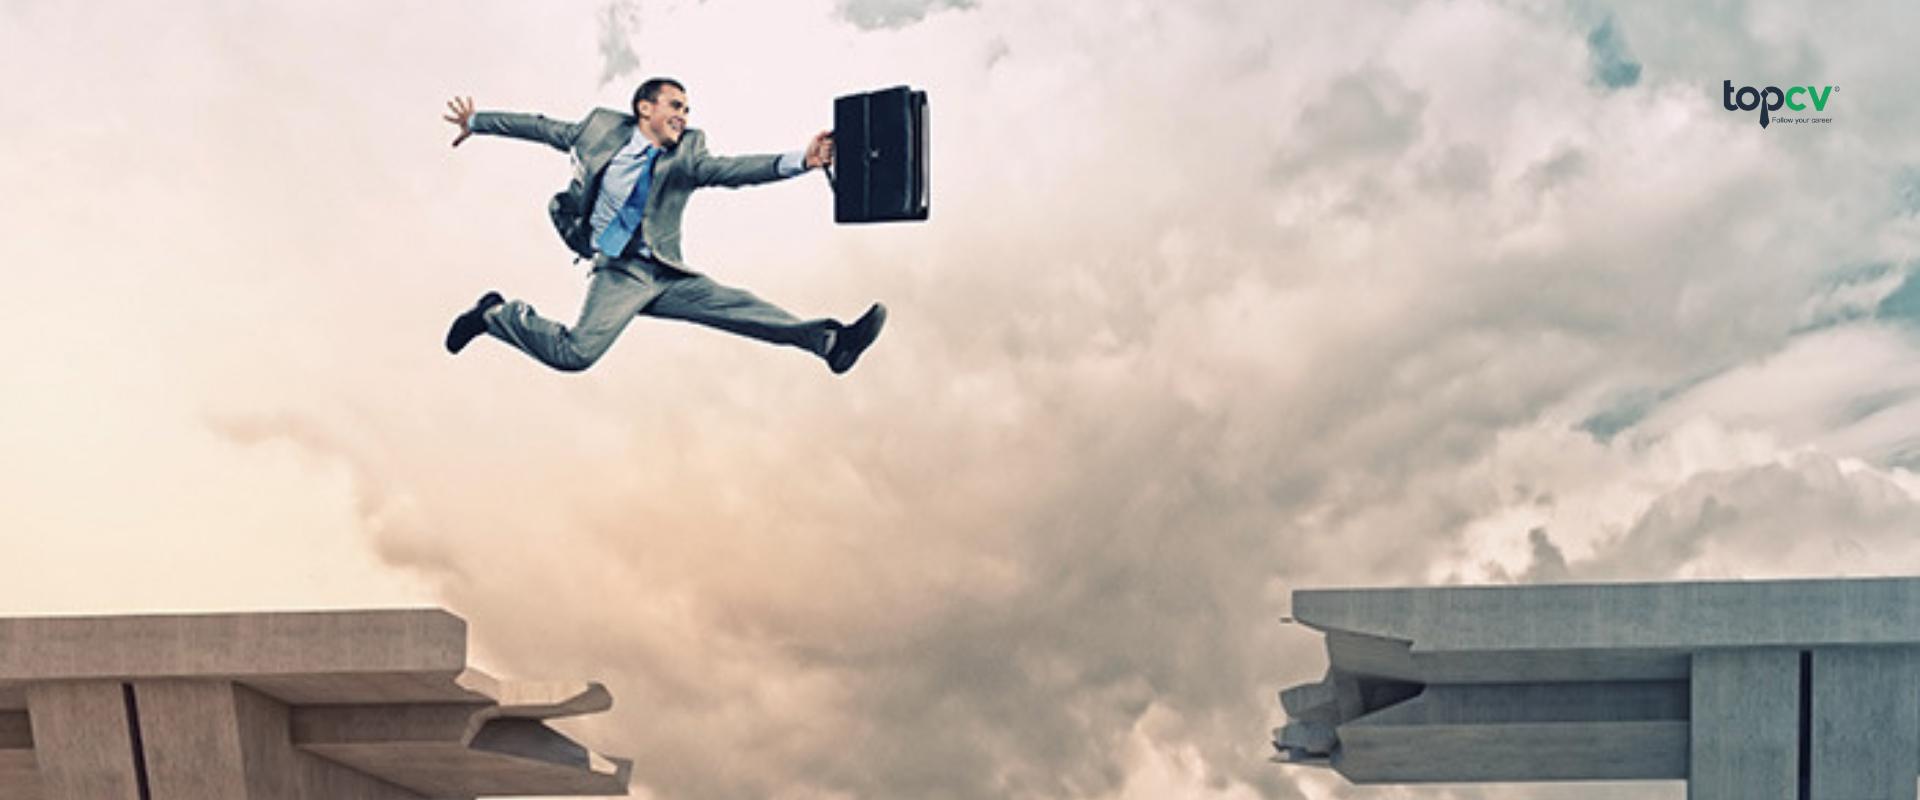 Trước khi muốn thay đổi công việc, hãy lưu ý 5 điều này! - TopCV Blog